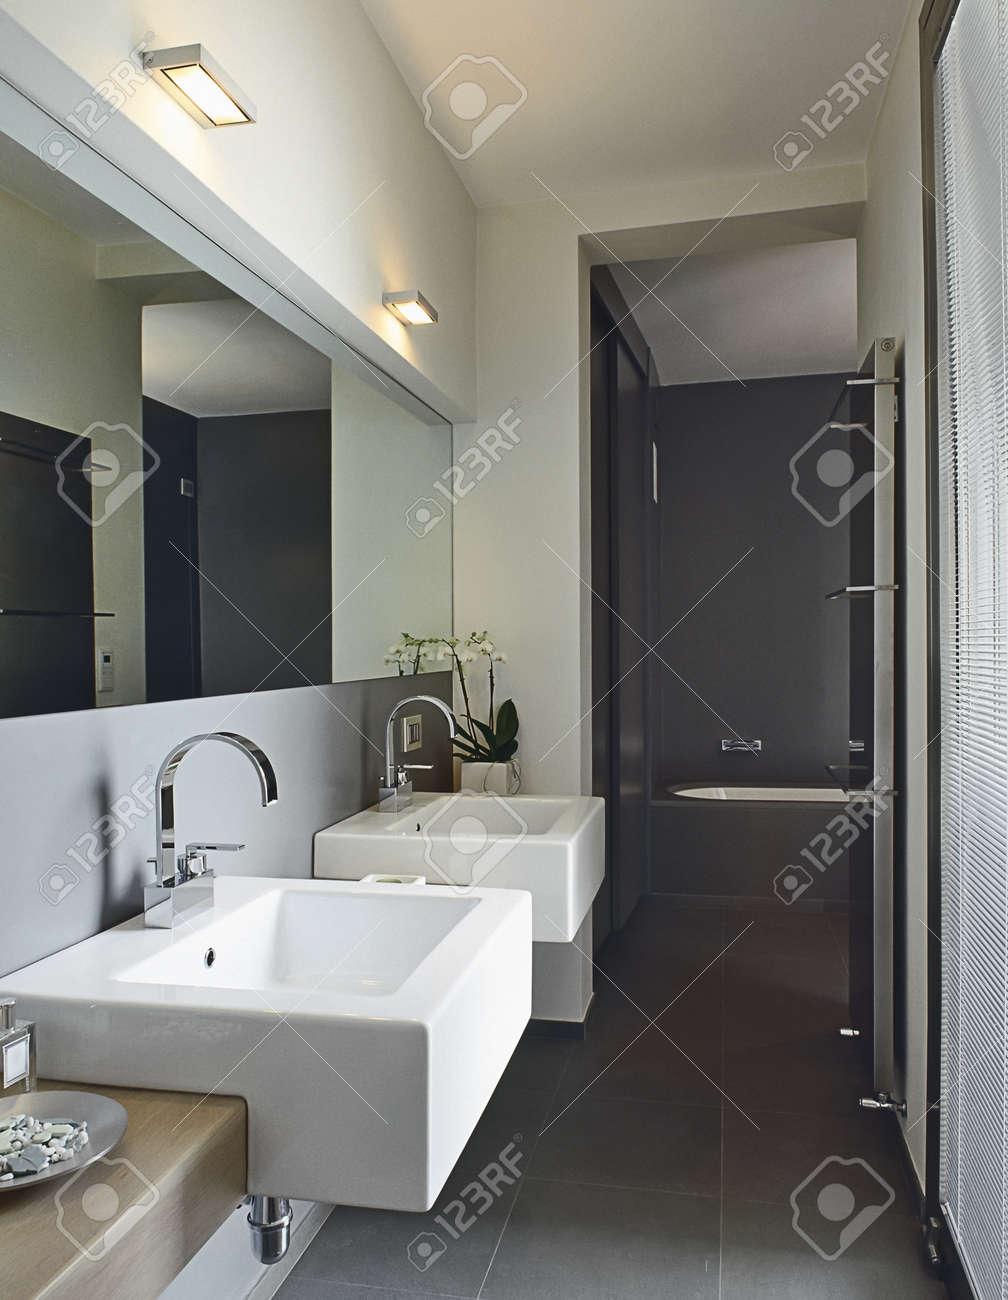 Modernt badrum med två handfat och badkar royalty fria stockfoton ...